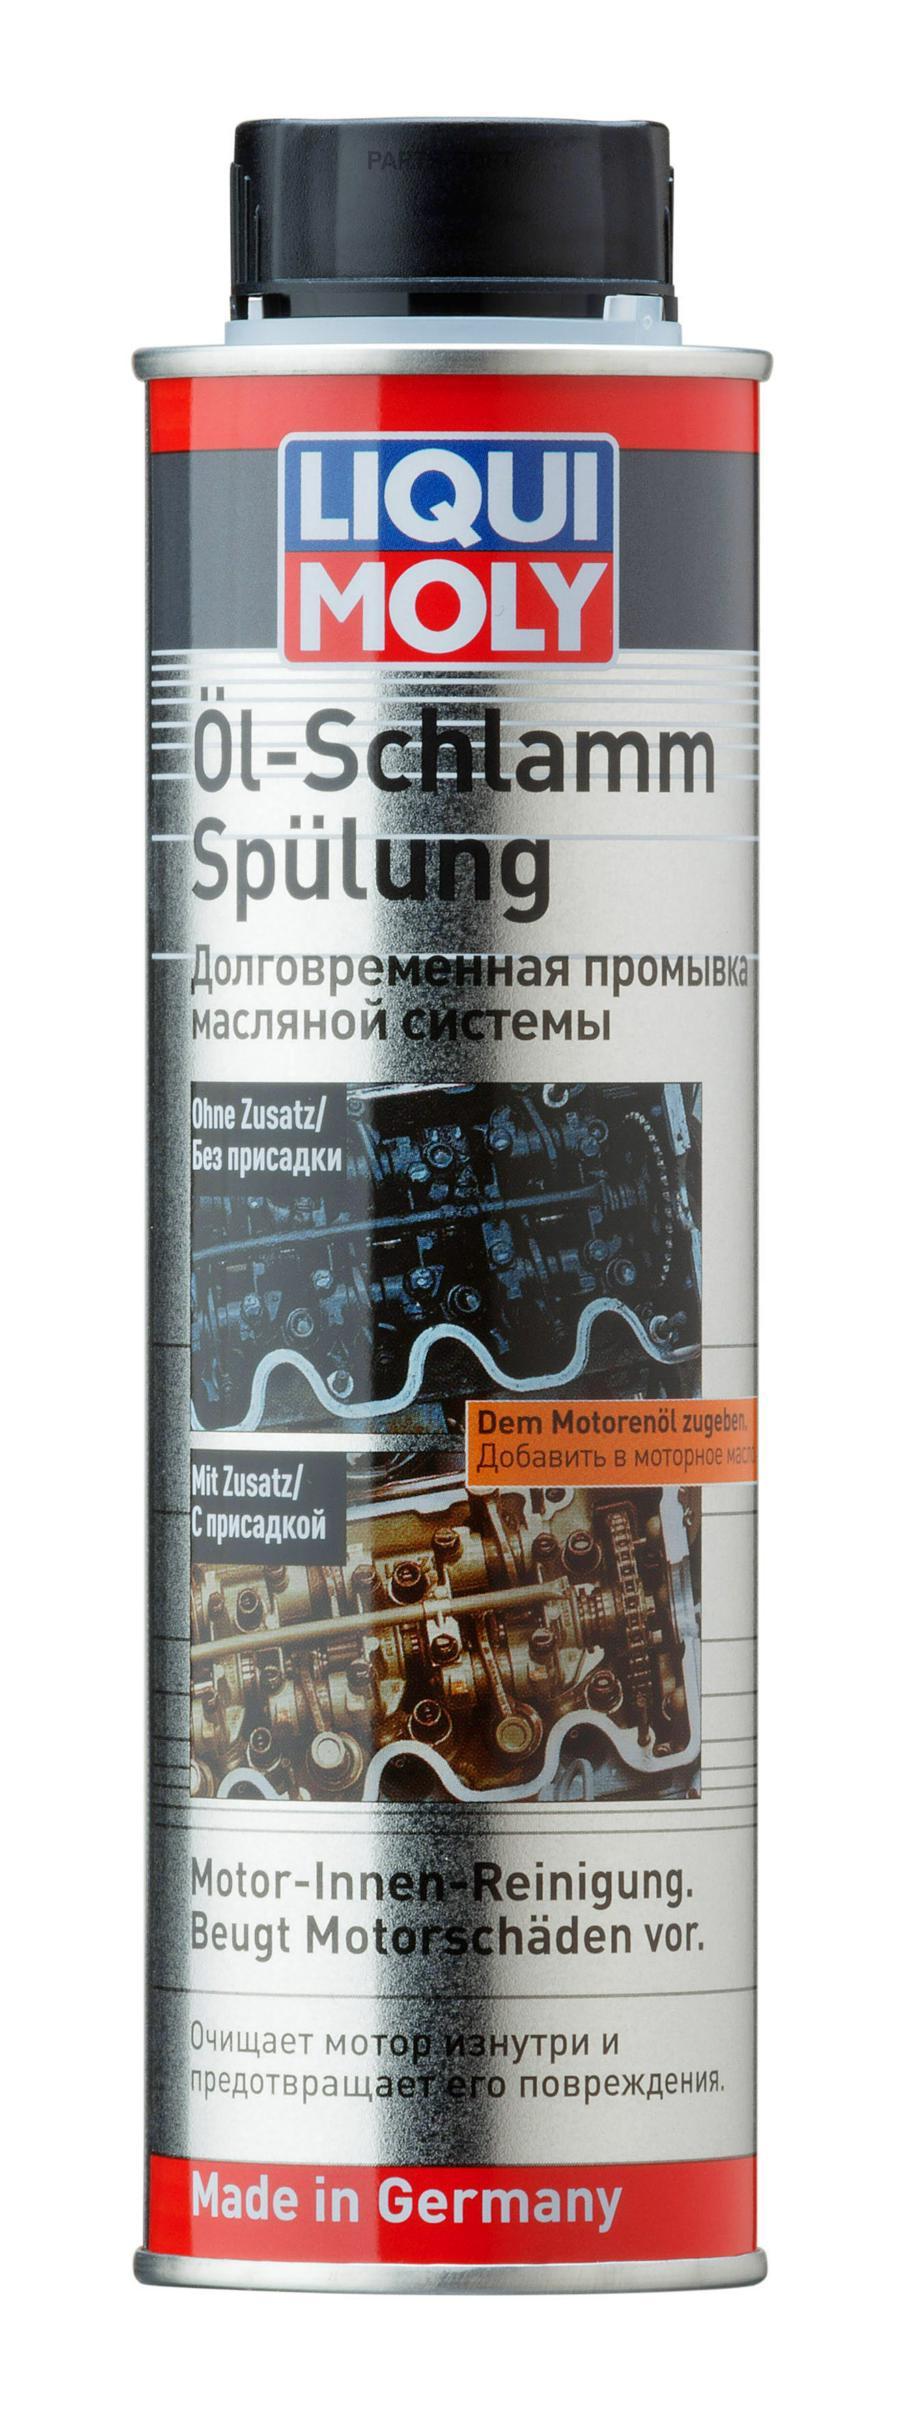 Долговременная промывка масляной системы Oil-Schlamm-Spulung 0,3л